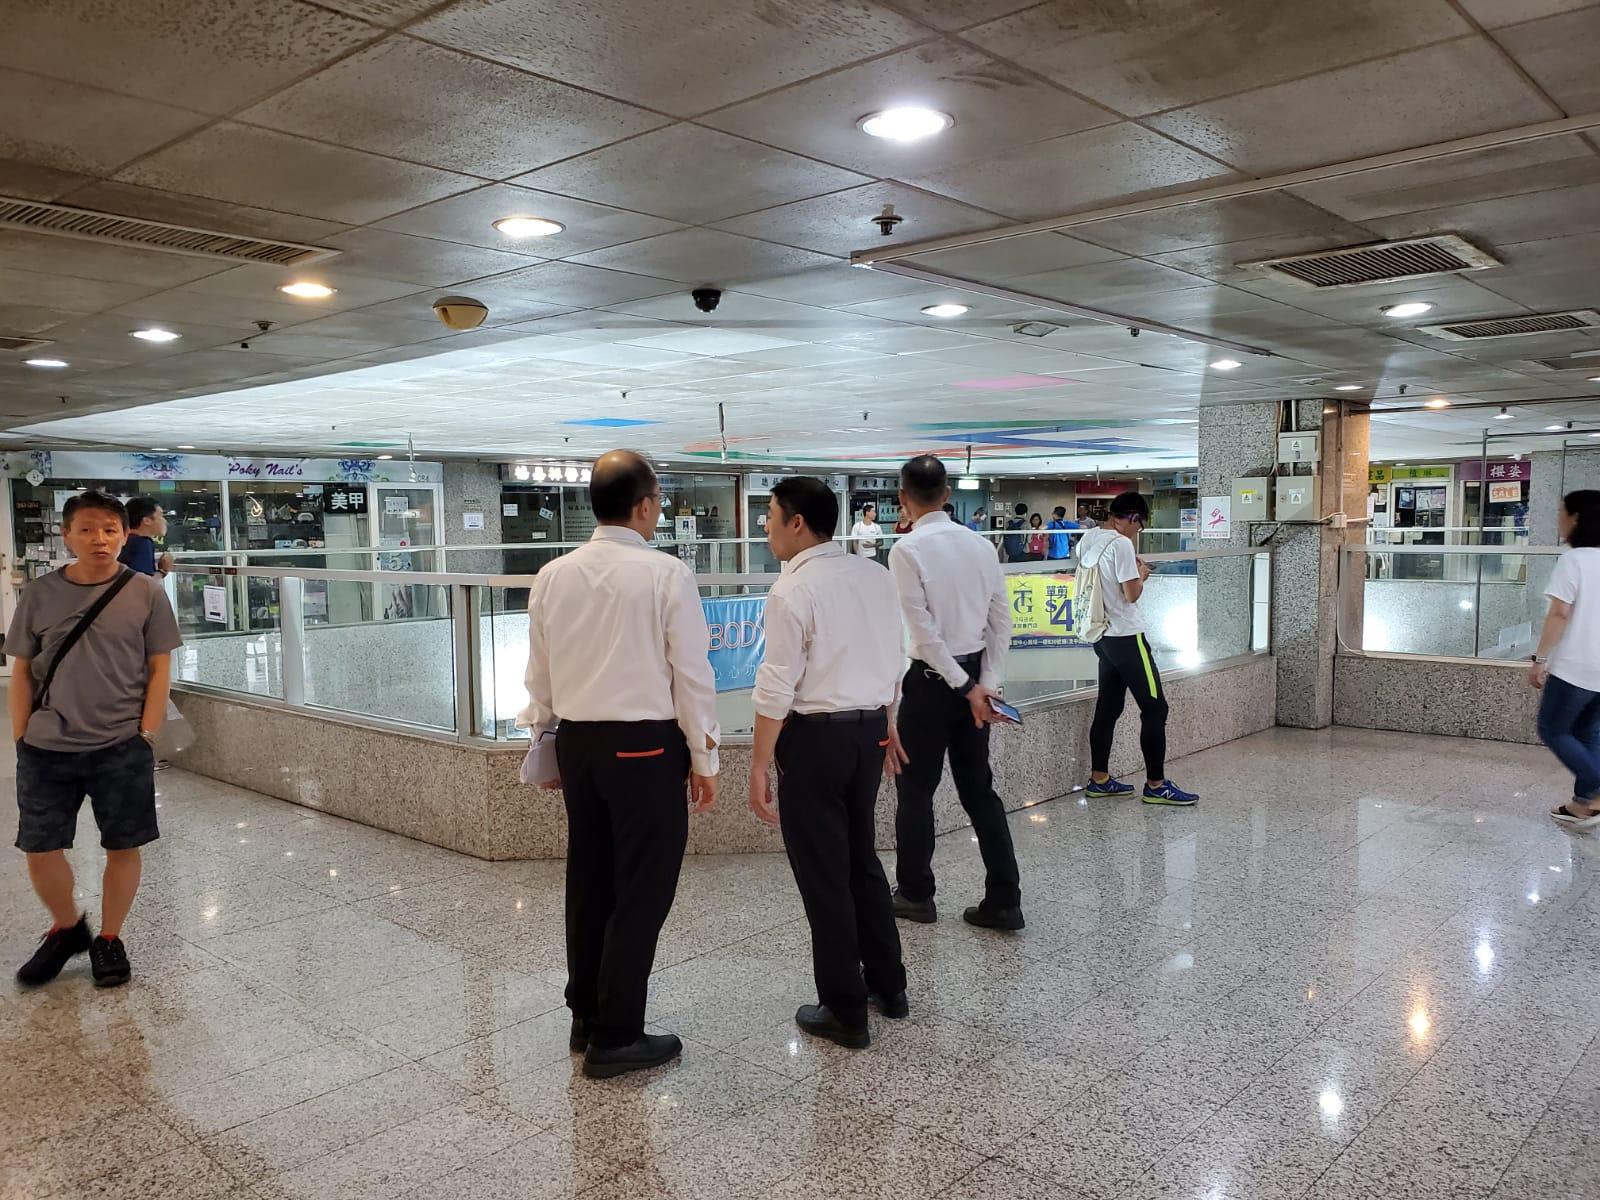 多名保安員於商場內戒備。